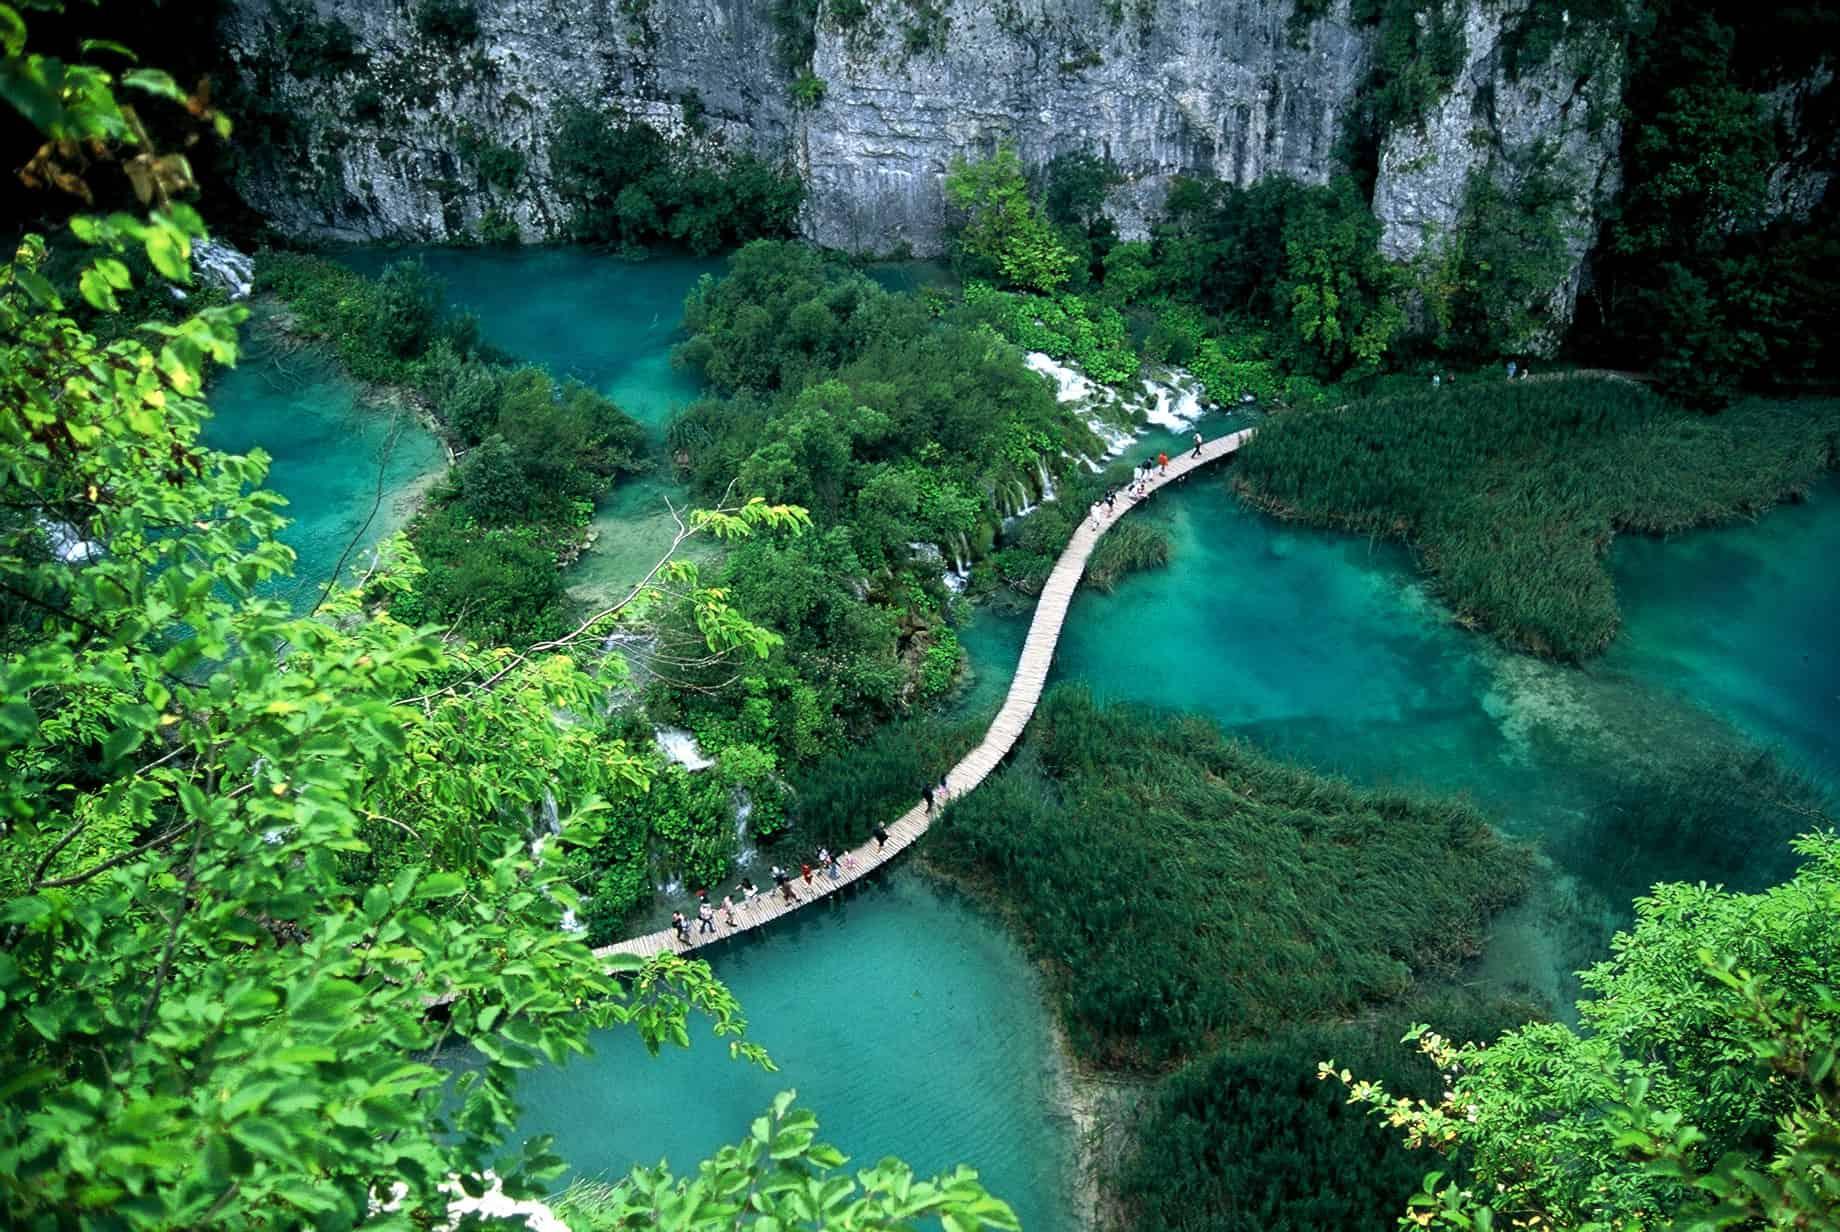 גשר הליכה בקרואטיה